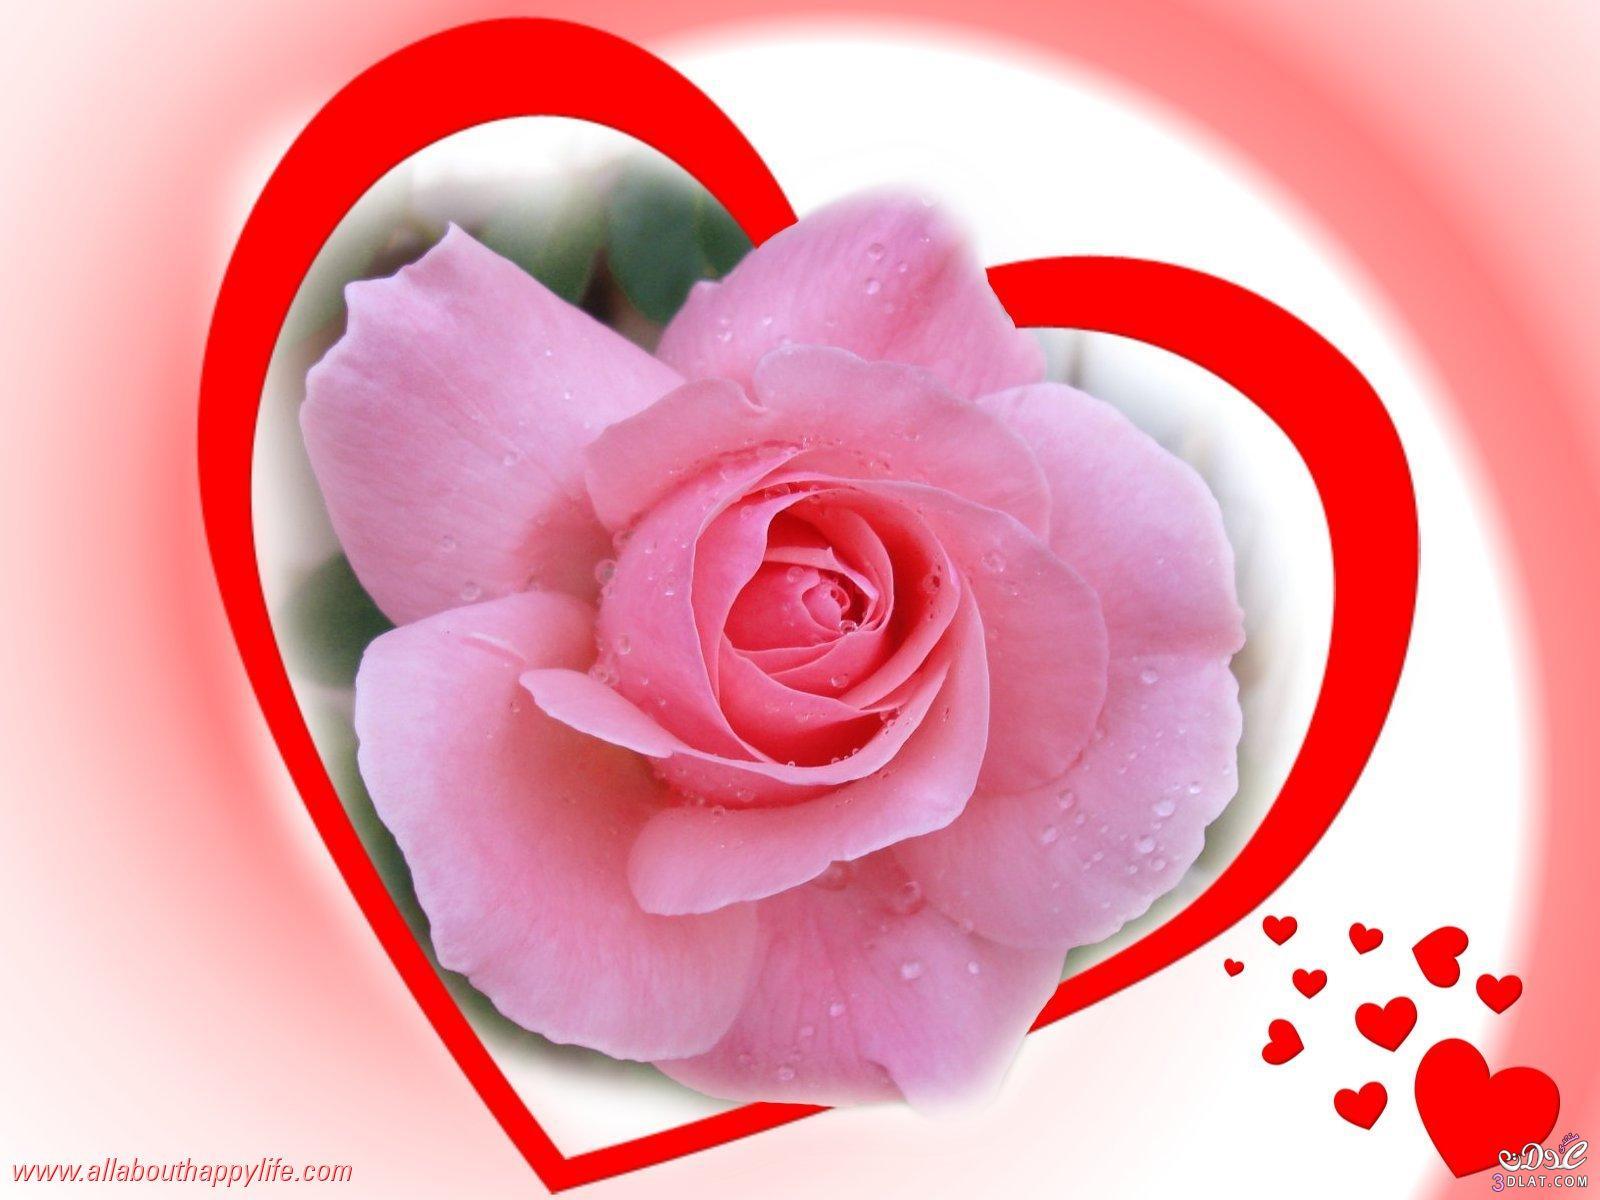 بالصور صور ورود على شكل قلوب بمناسبة عيد الحب صور ورد على شكل قلب لعيد الحب 4305 4